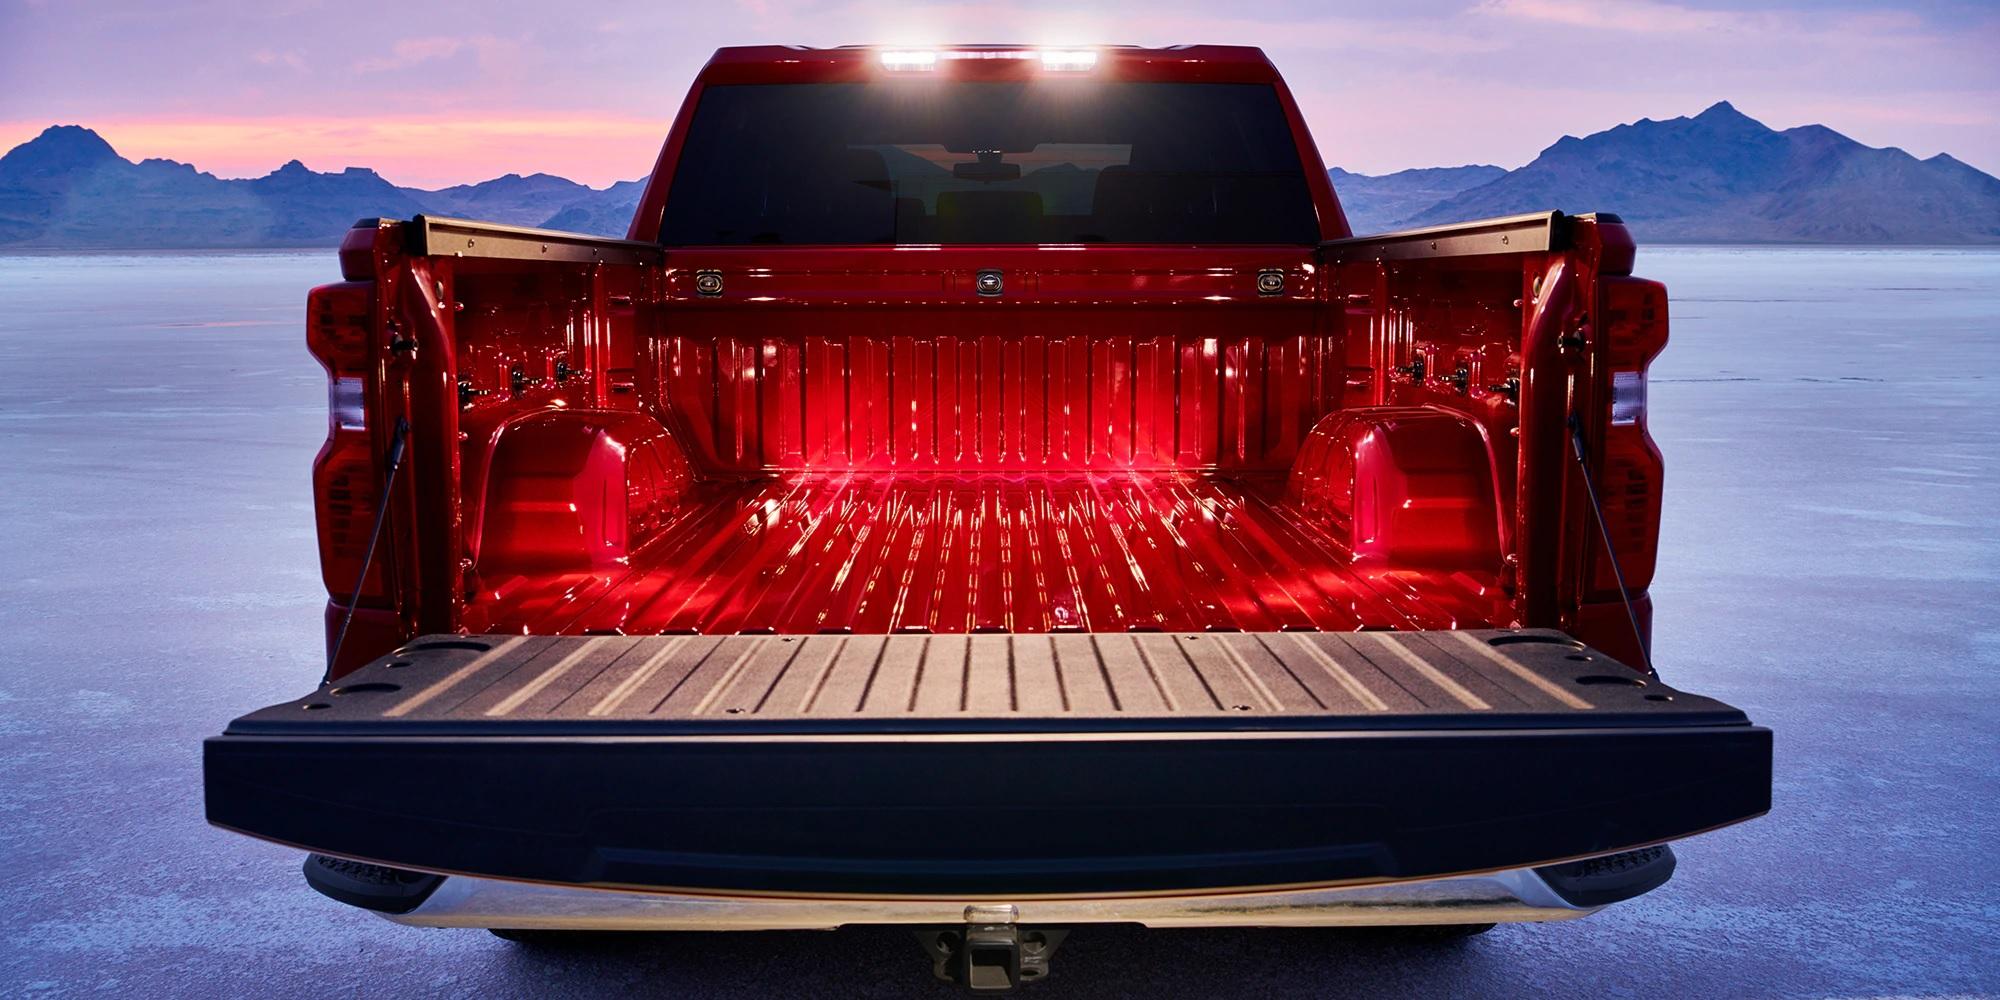 Caja Durabed de la Chevrolet Silverado 1500 2019